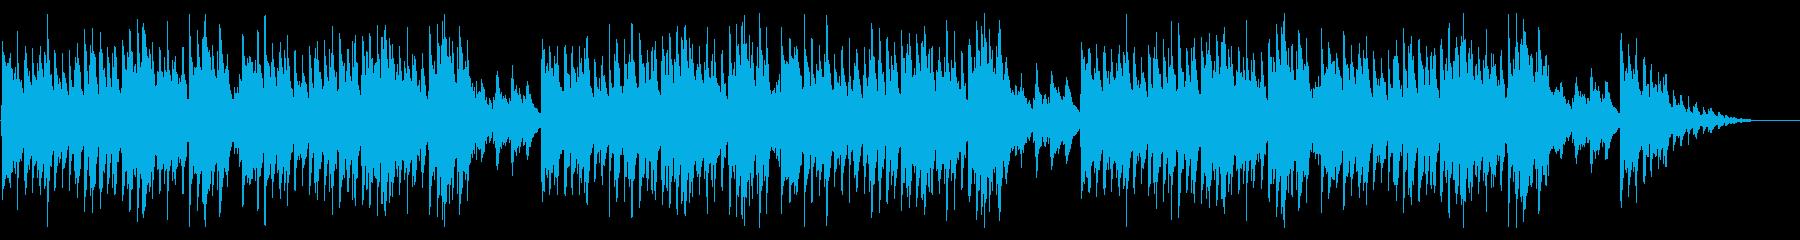 童謡「雪」シンプルな琴のアレンジの再生済みの波形